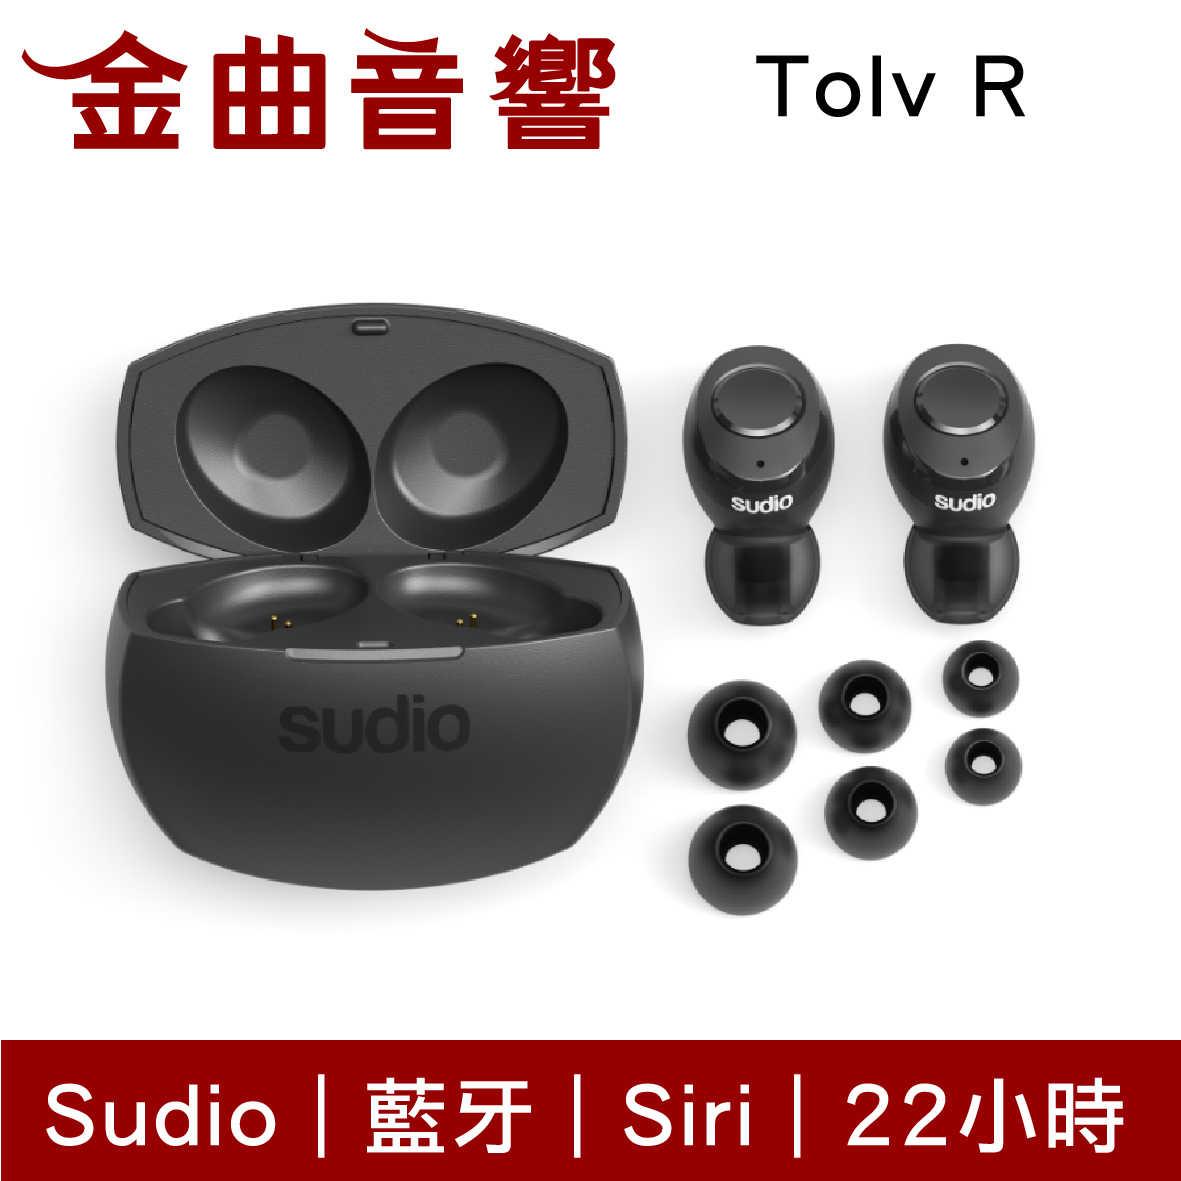 Sudio Tolv R 黑色 真無線藍牙耳機 可通話 語音助理 TolvR | 金曲音響